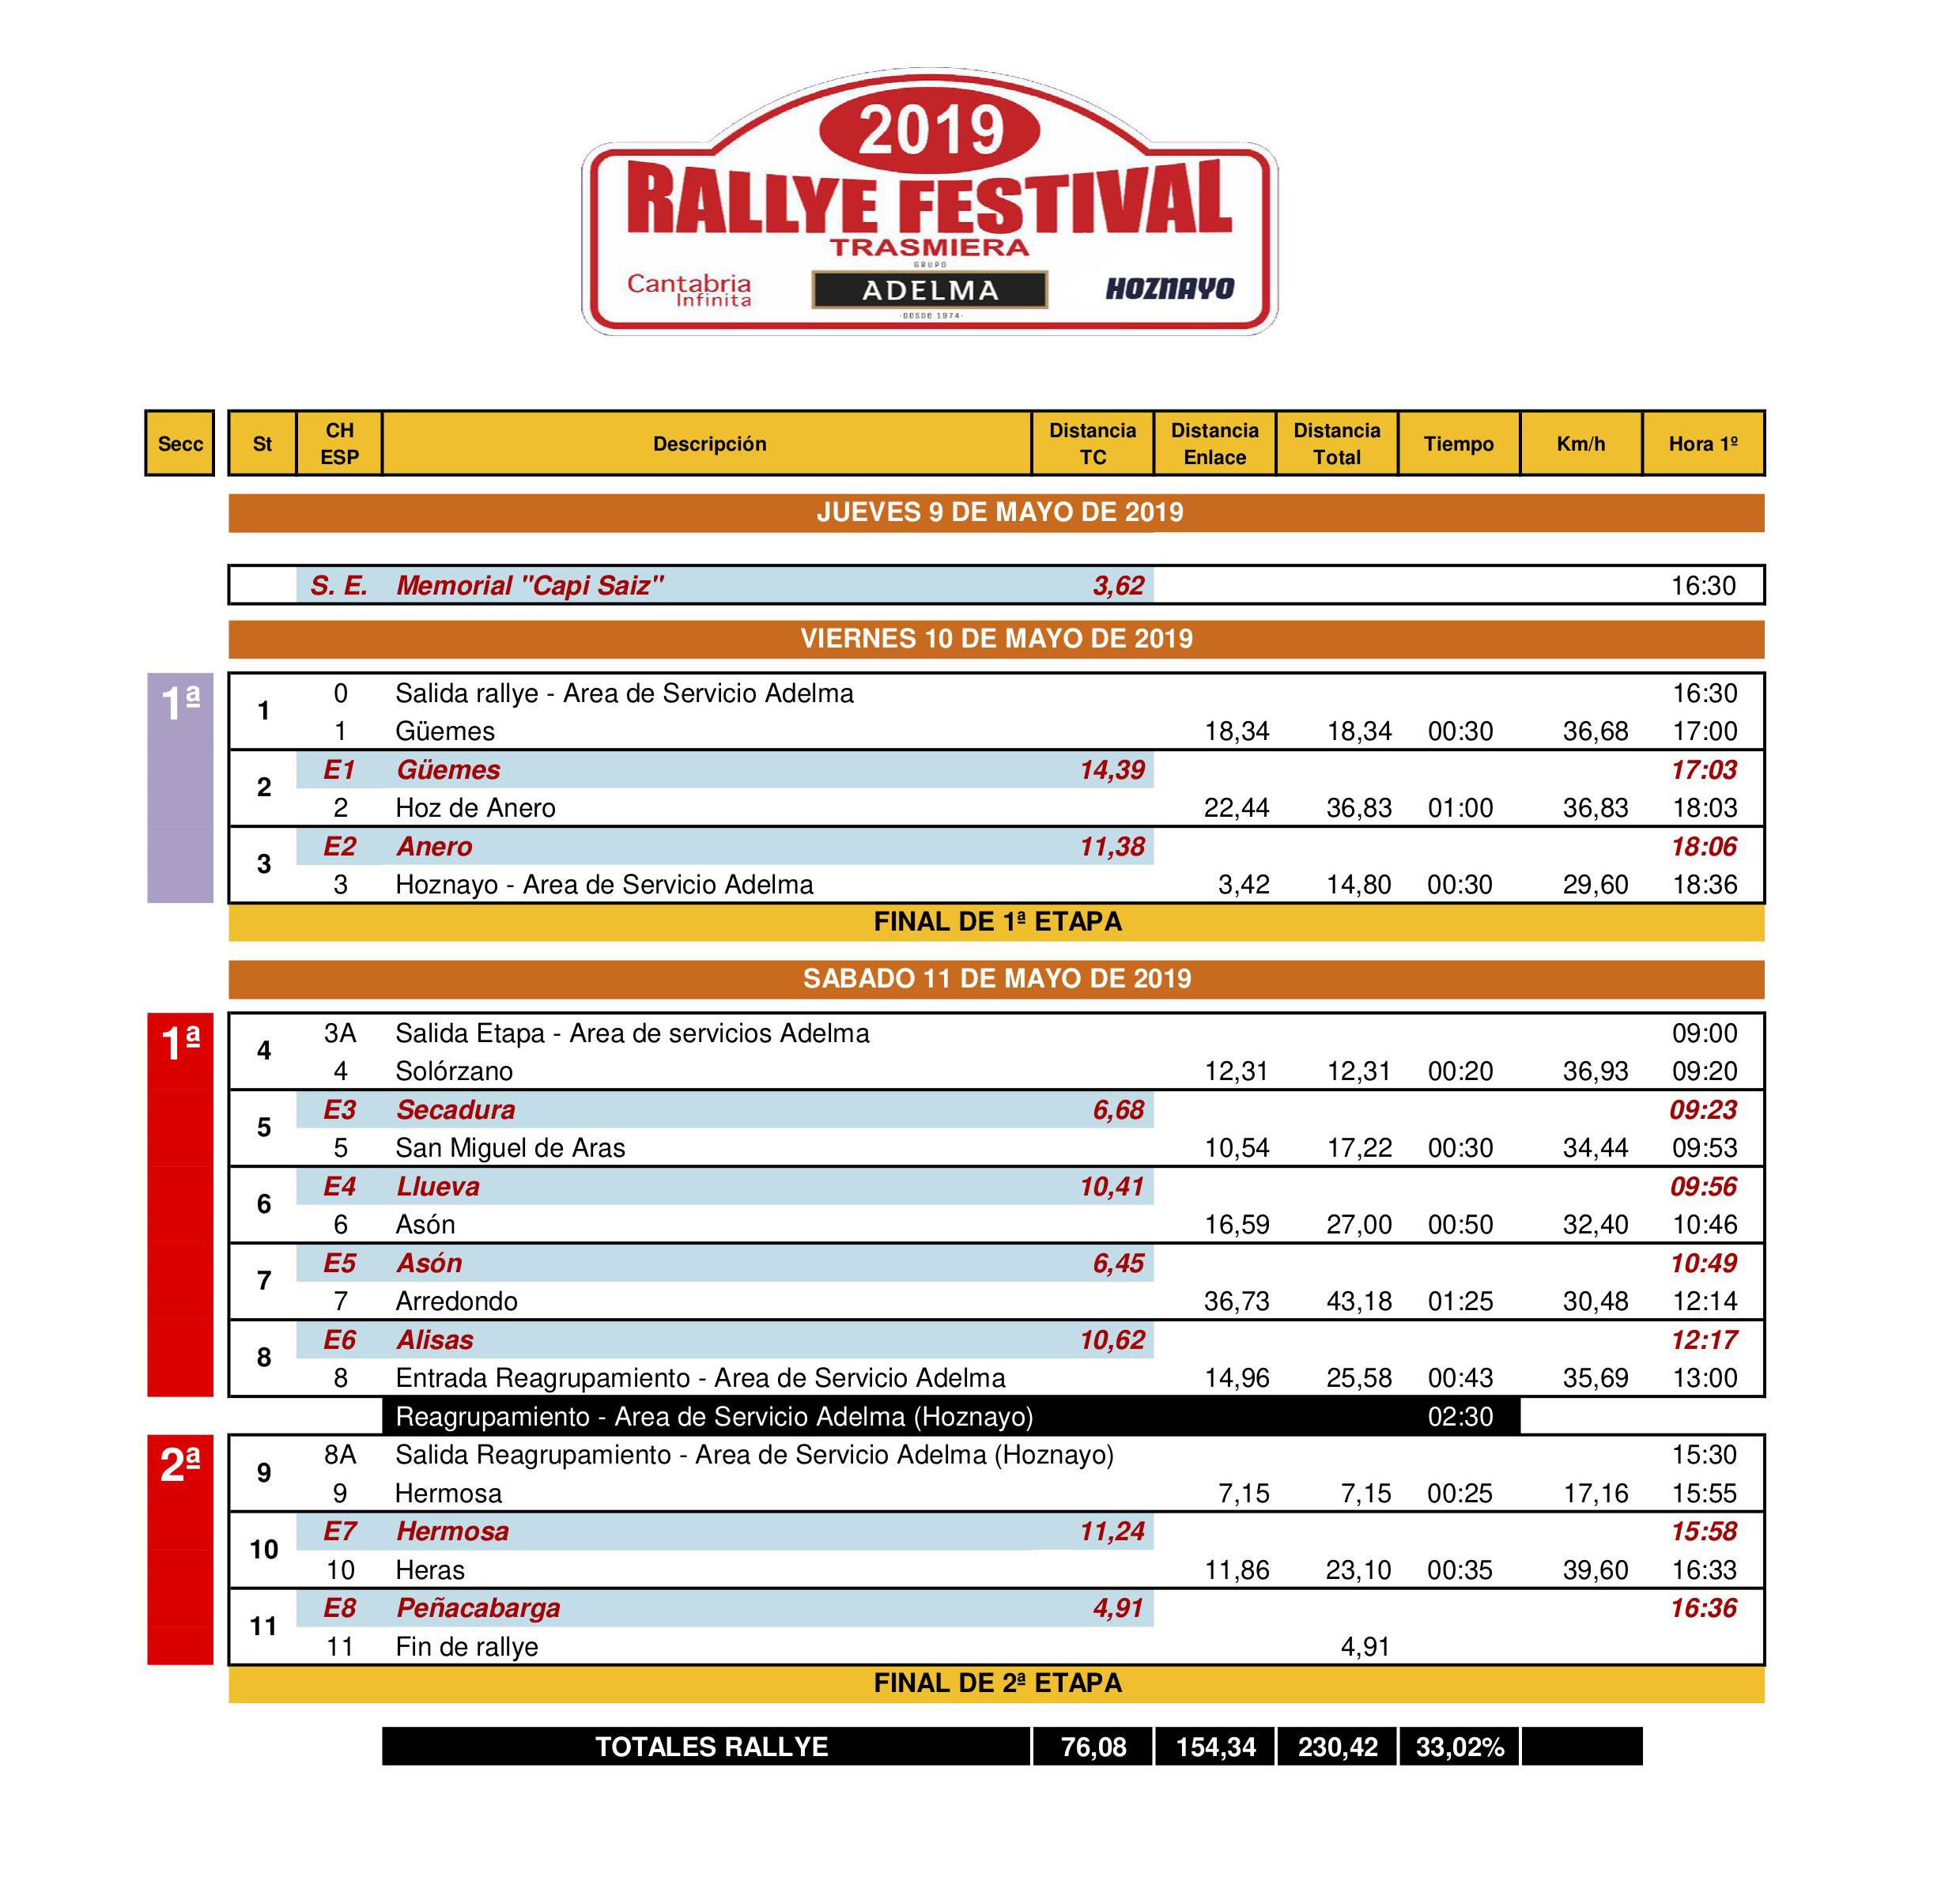 Rallye Festival Trasmiera 2019 [9 - 11 Mayo] - Página 5 Itinerario-horario-2019